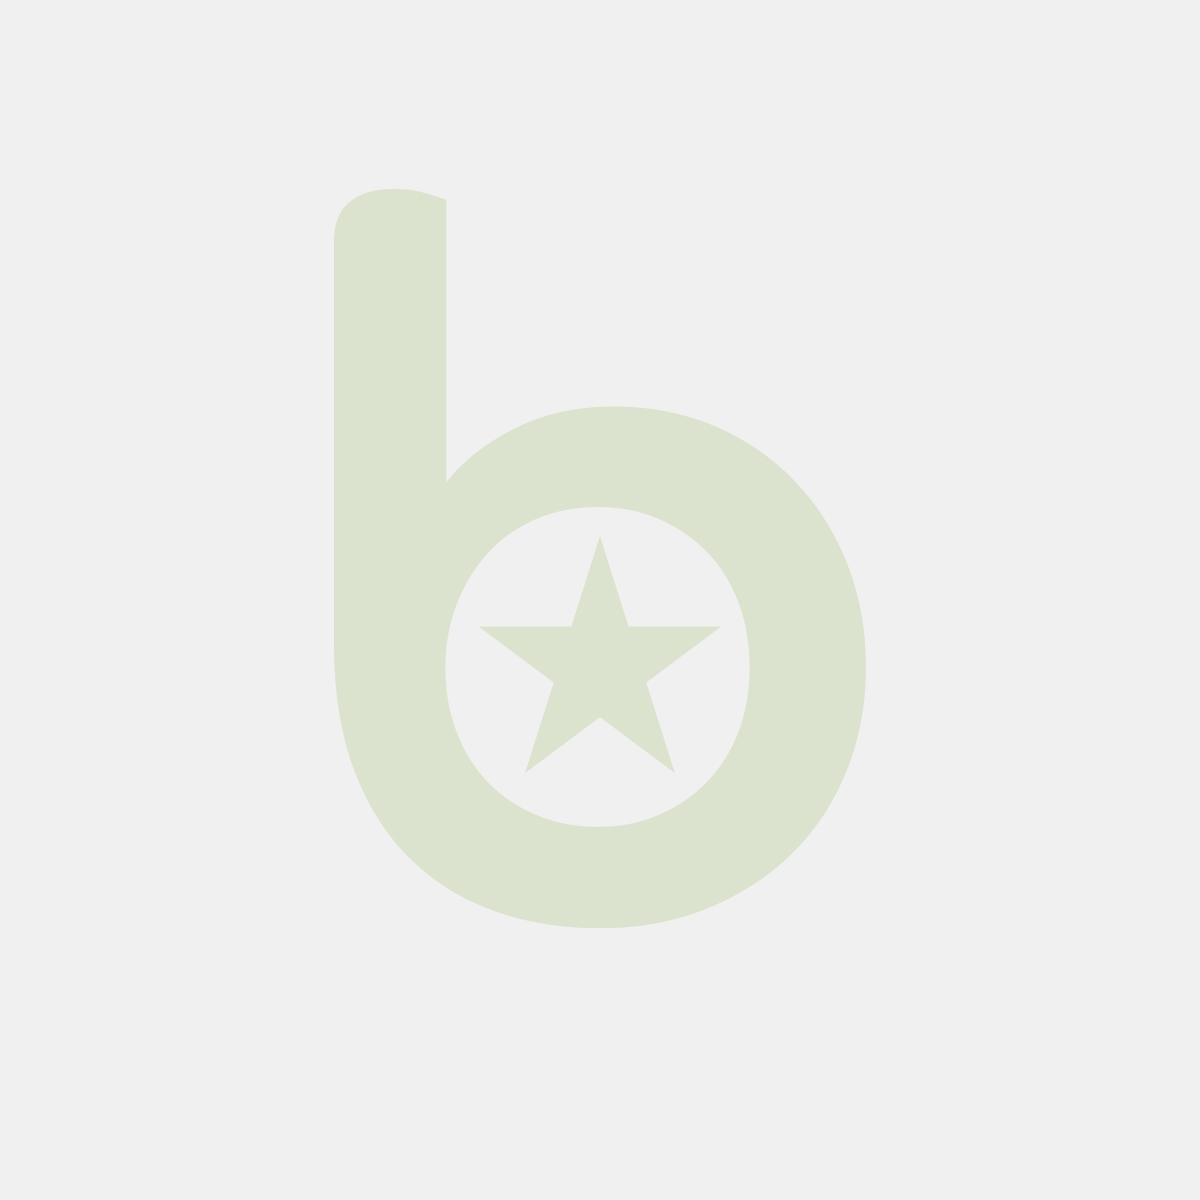 FINGERFOOD - miseczka 220ml PS transparentna 11x5,8 op. 6 sztuk